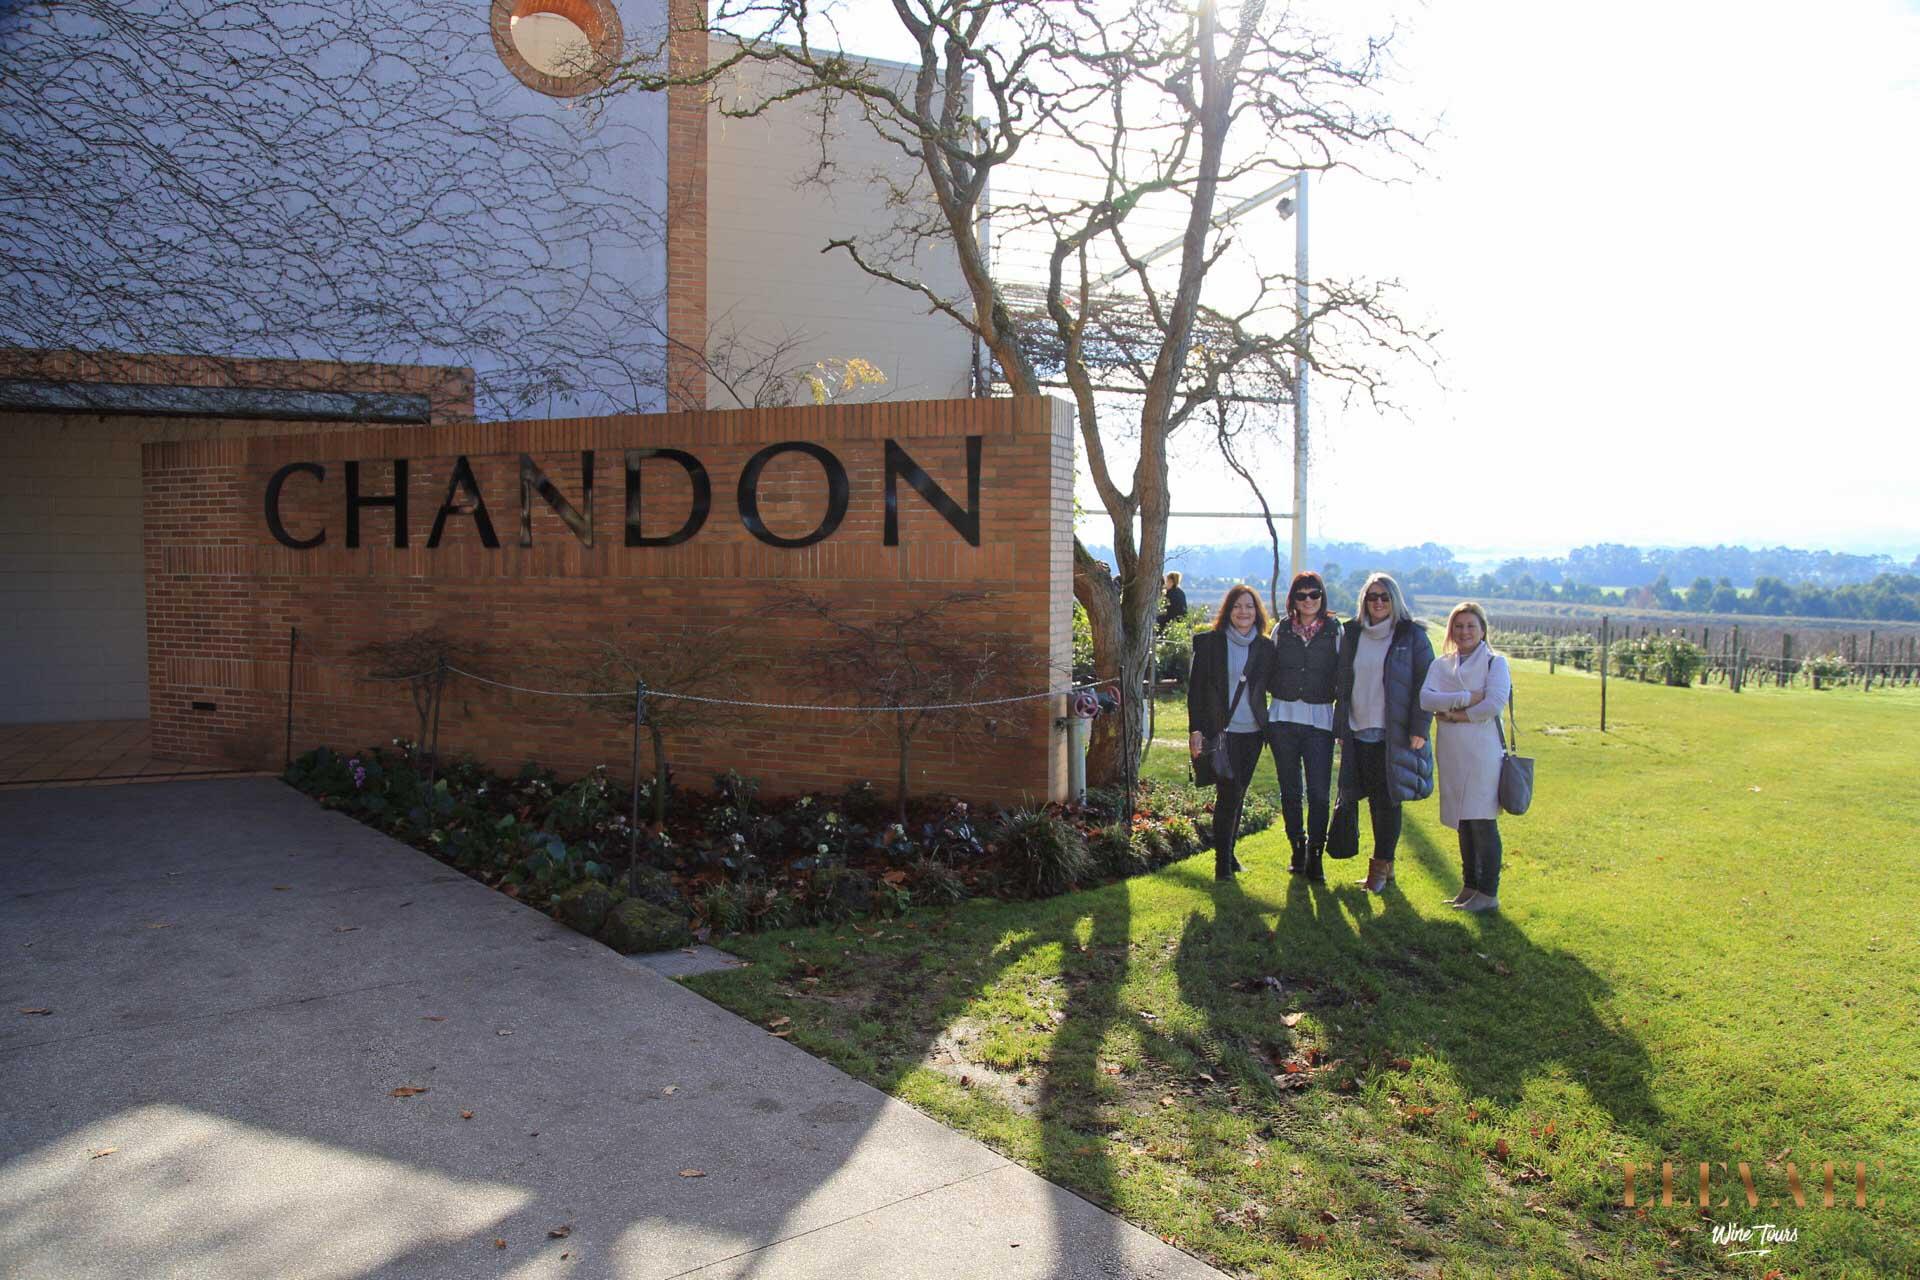 CHANDON-YARRA-VALLEY-WINE-TOUR